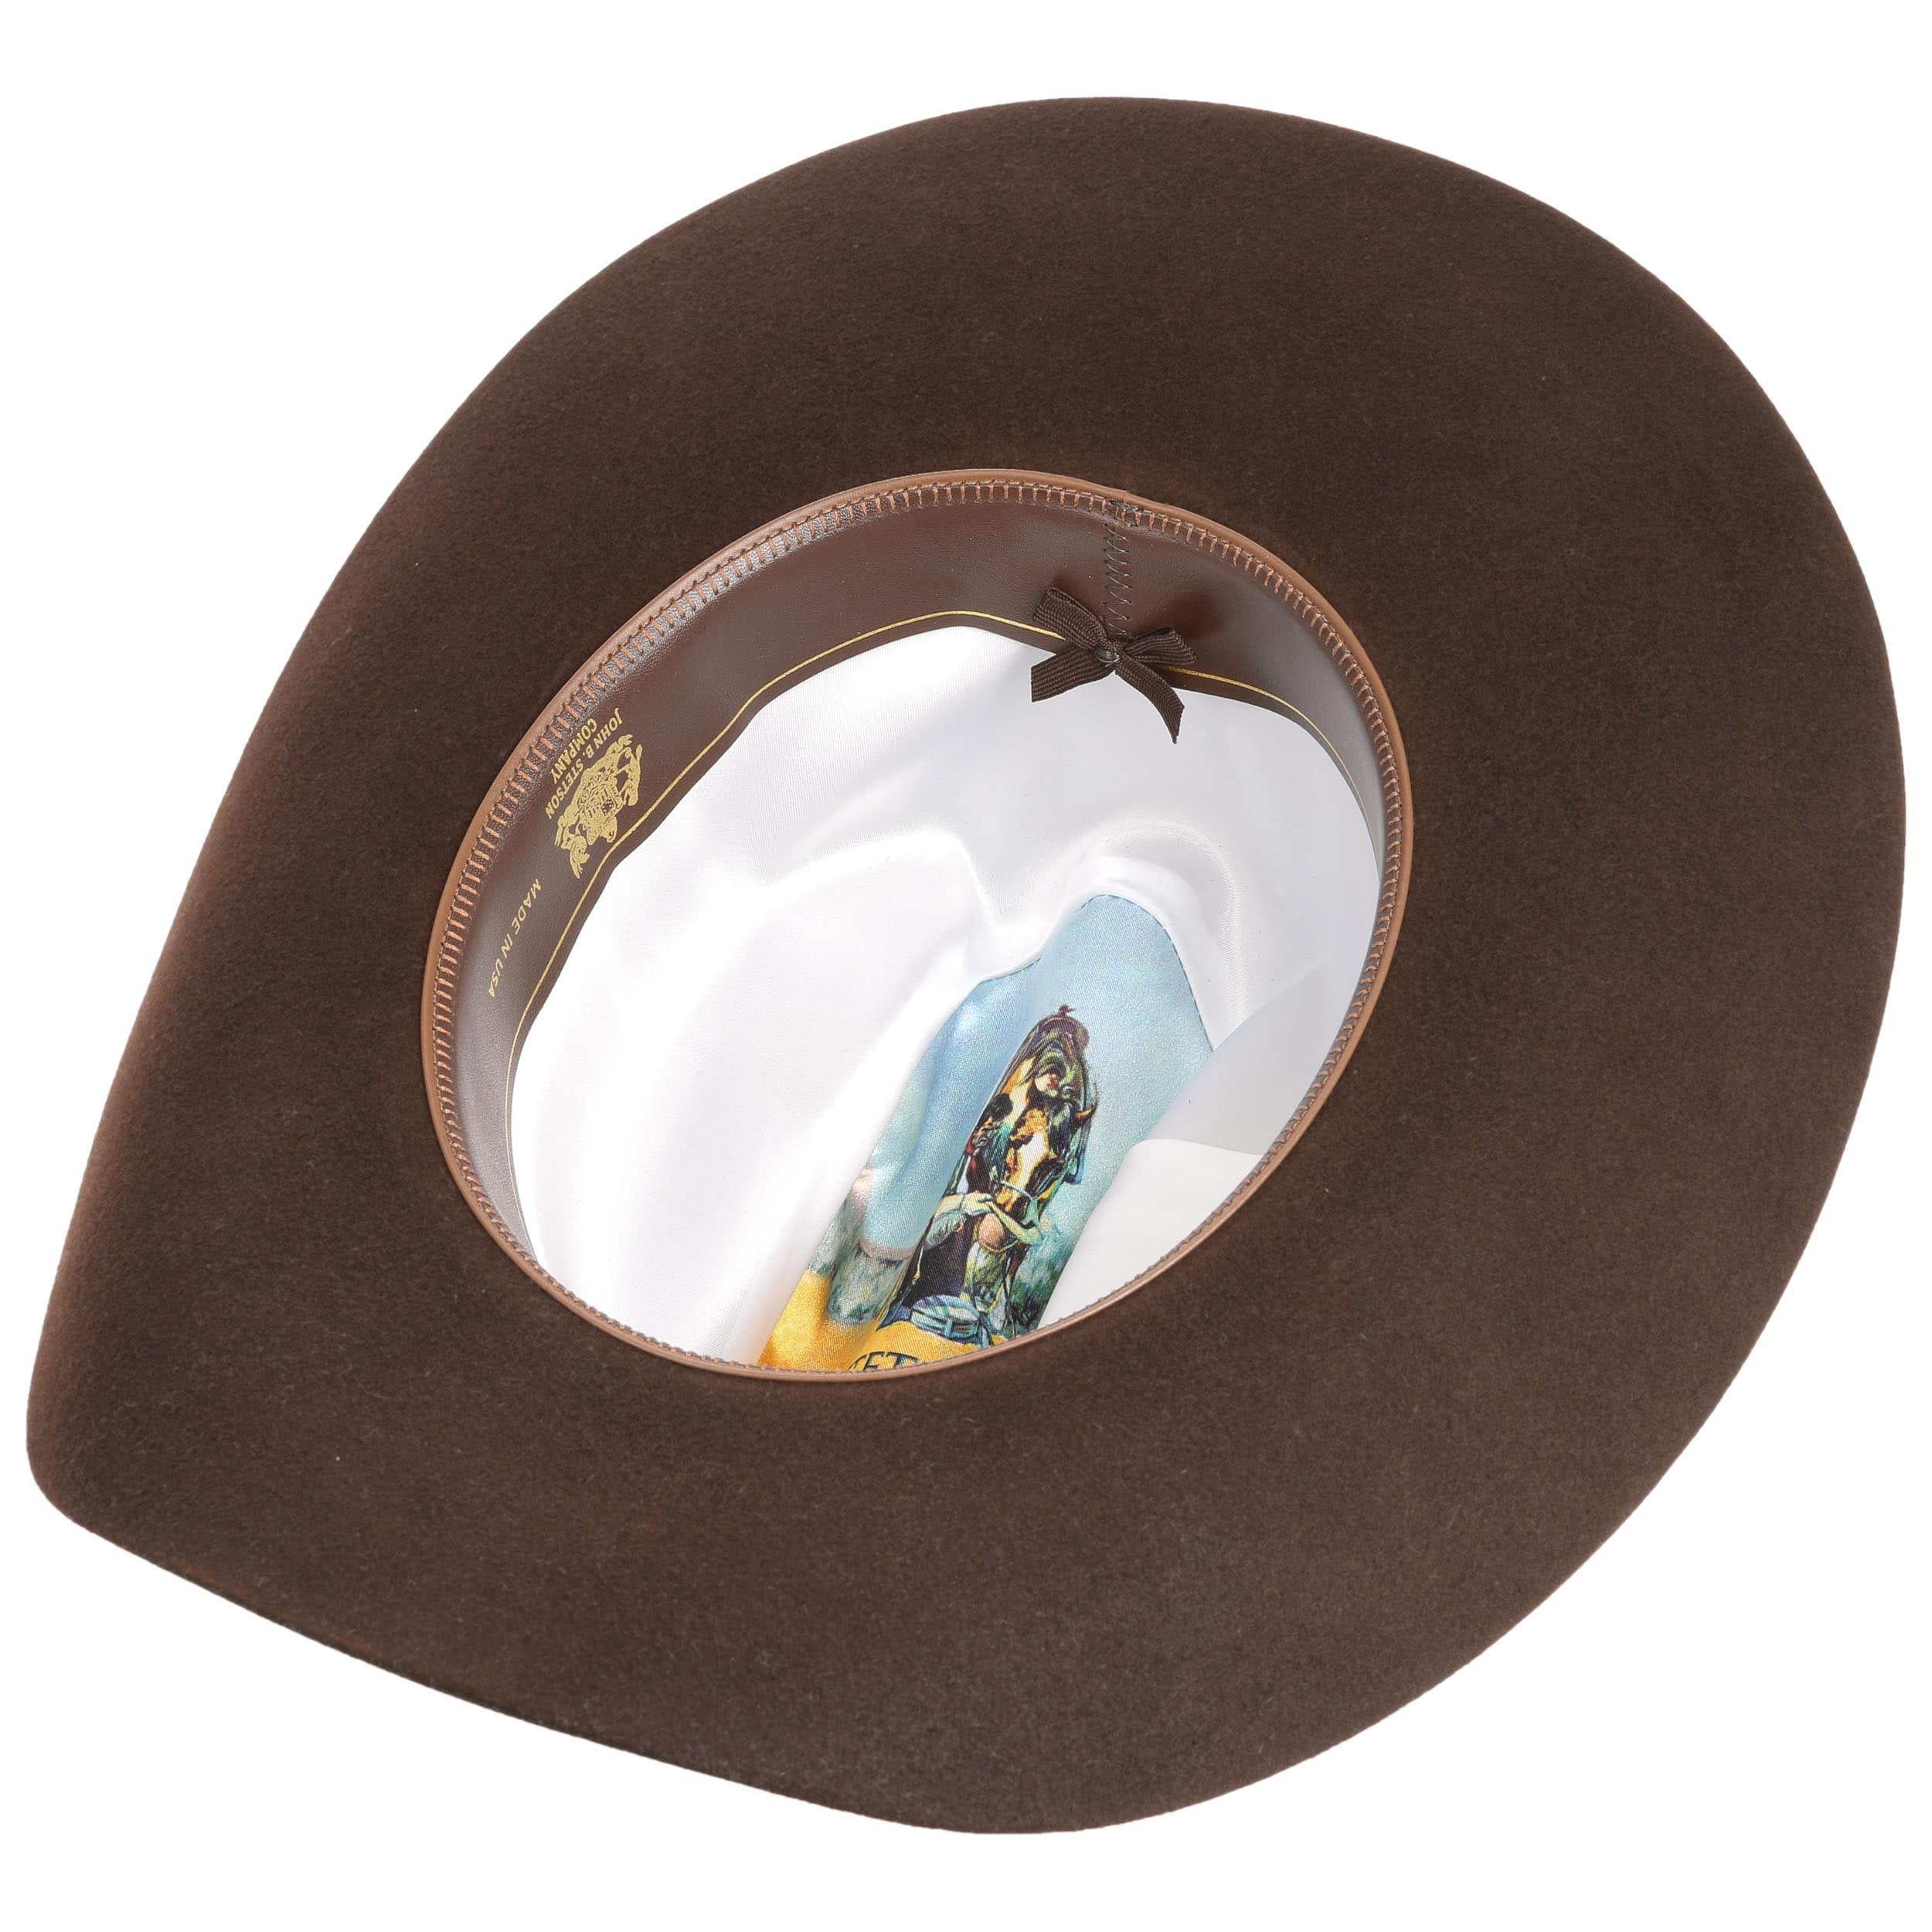 3506ccaaf ... castaño claro 1 · Sombrero de Vaquero Lariat 5X by Stetson - marrón  oscuro 2 ...